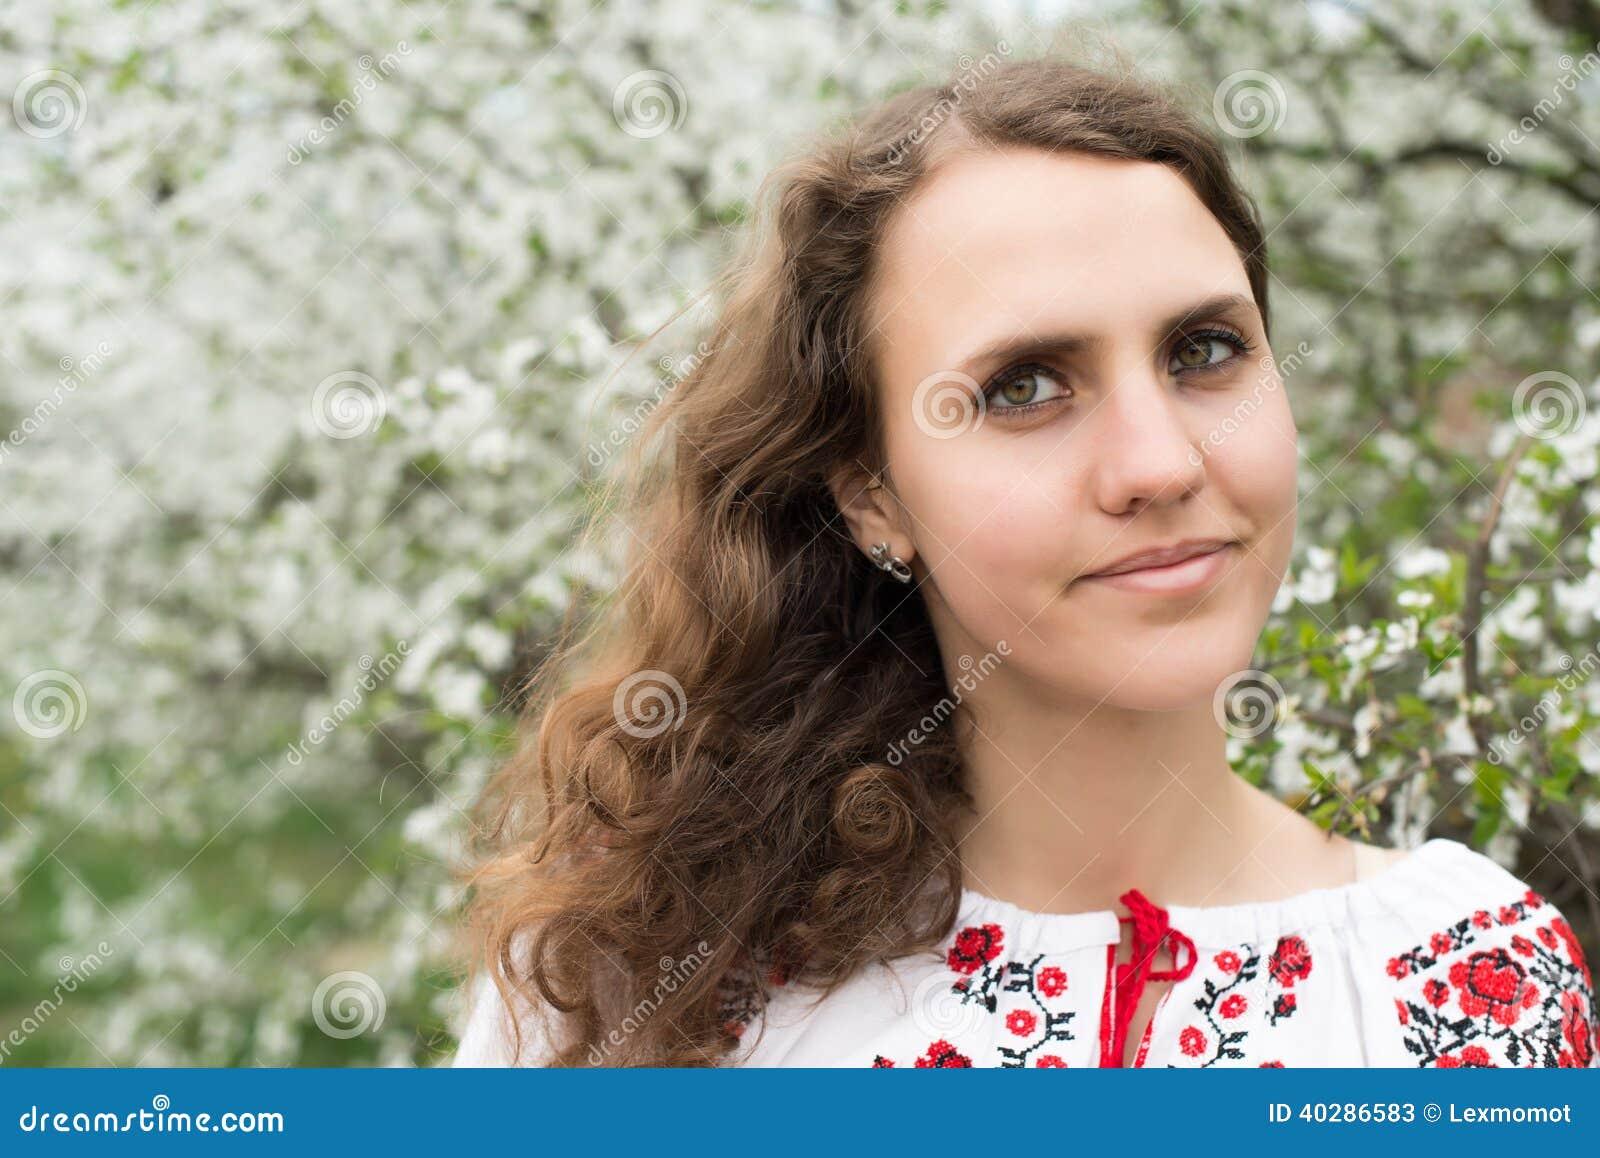 Портрет молодой симпатичной женщины